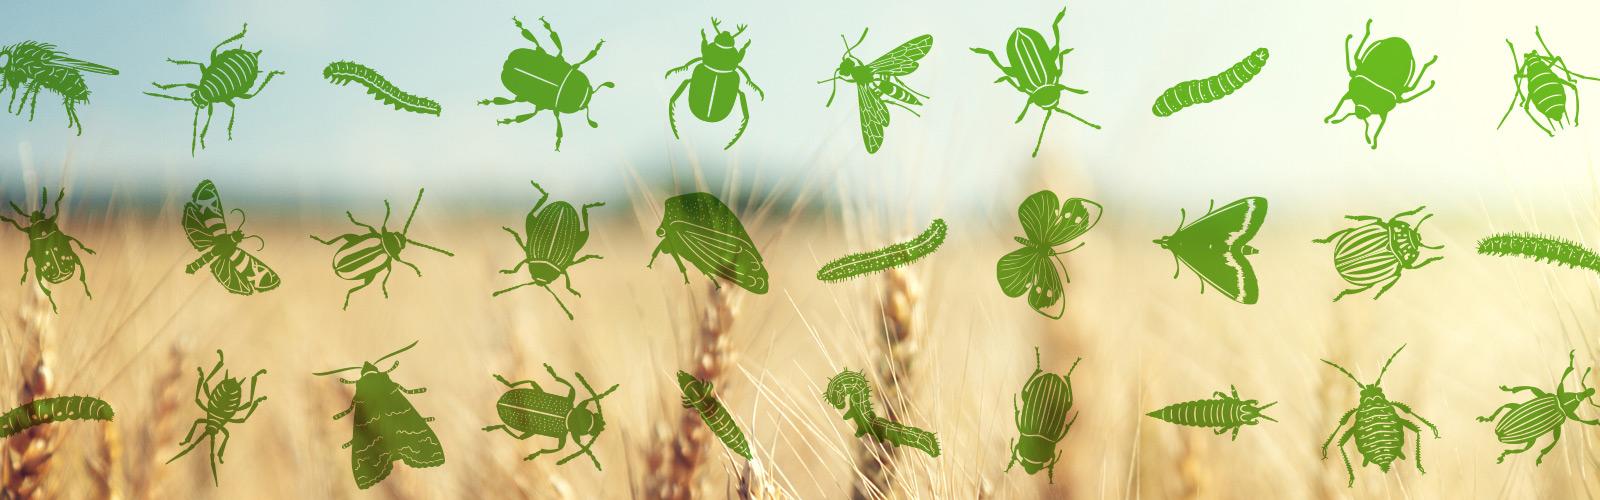 рисованные насекомые вредители для создания промо ролика инсектицида молния дуо